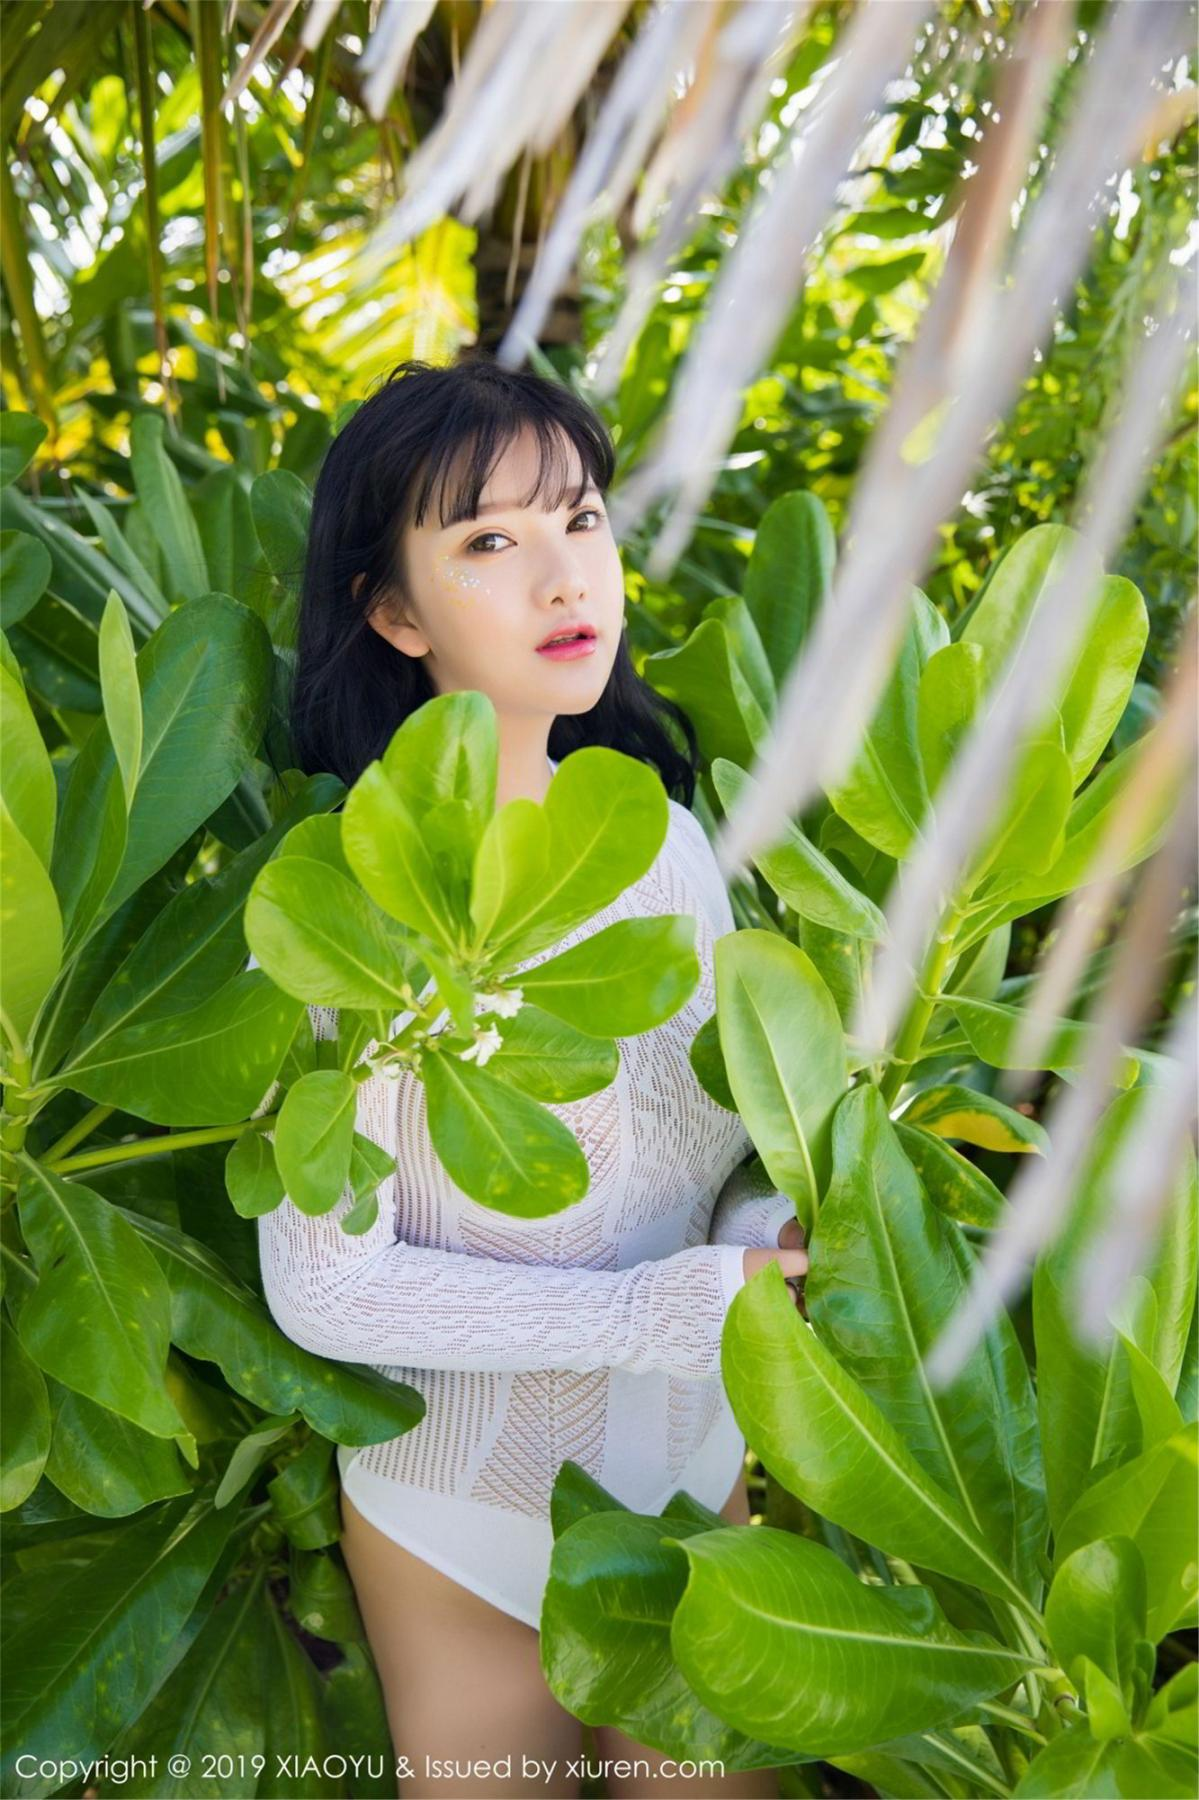 [XiaoYu] Vol.070 Lu Lu Xiao Miao 43P, Baby Face Big Boobs, Lovely, Lu Lu Xiao Miao, XiaoYu